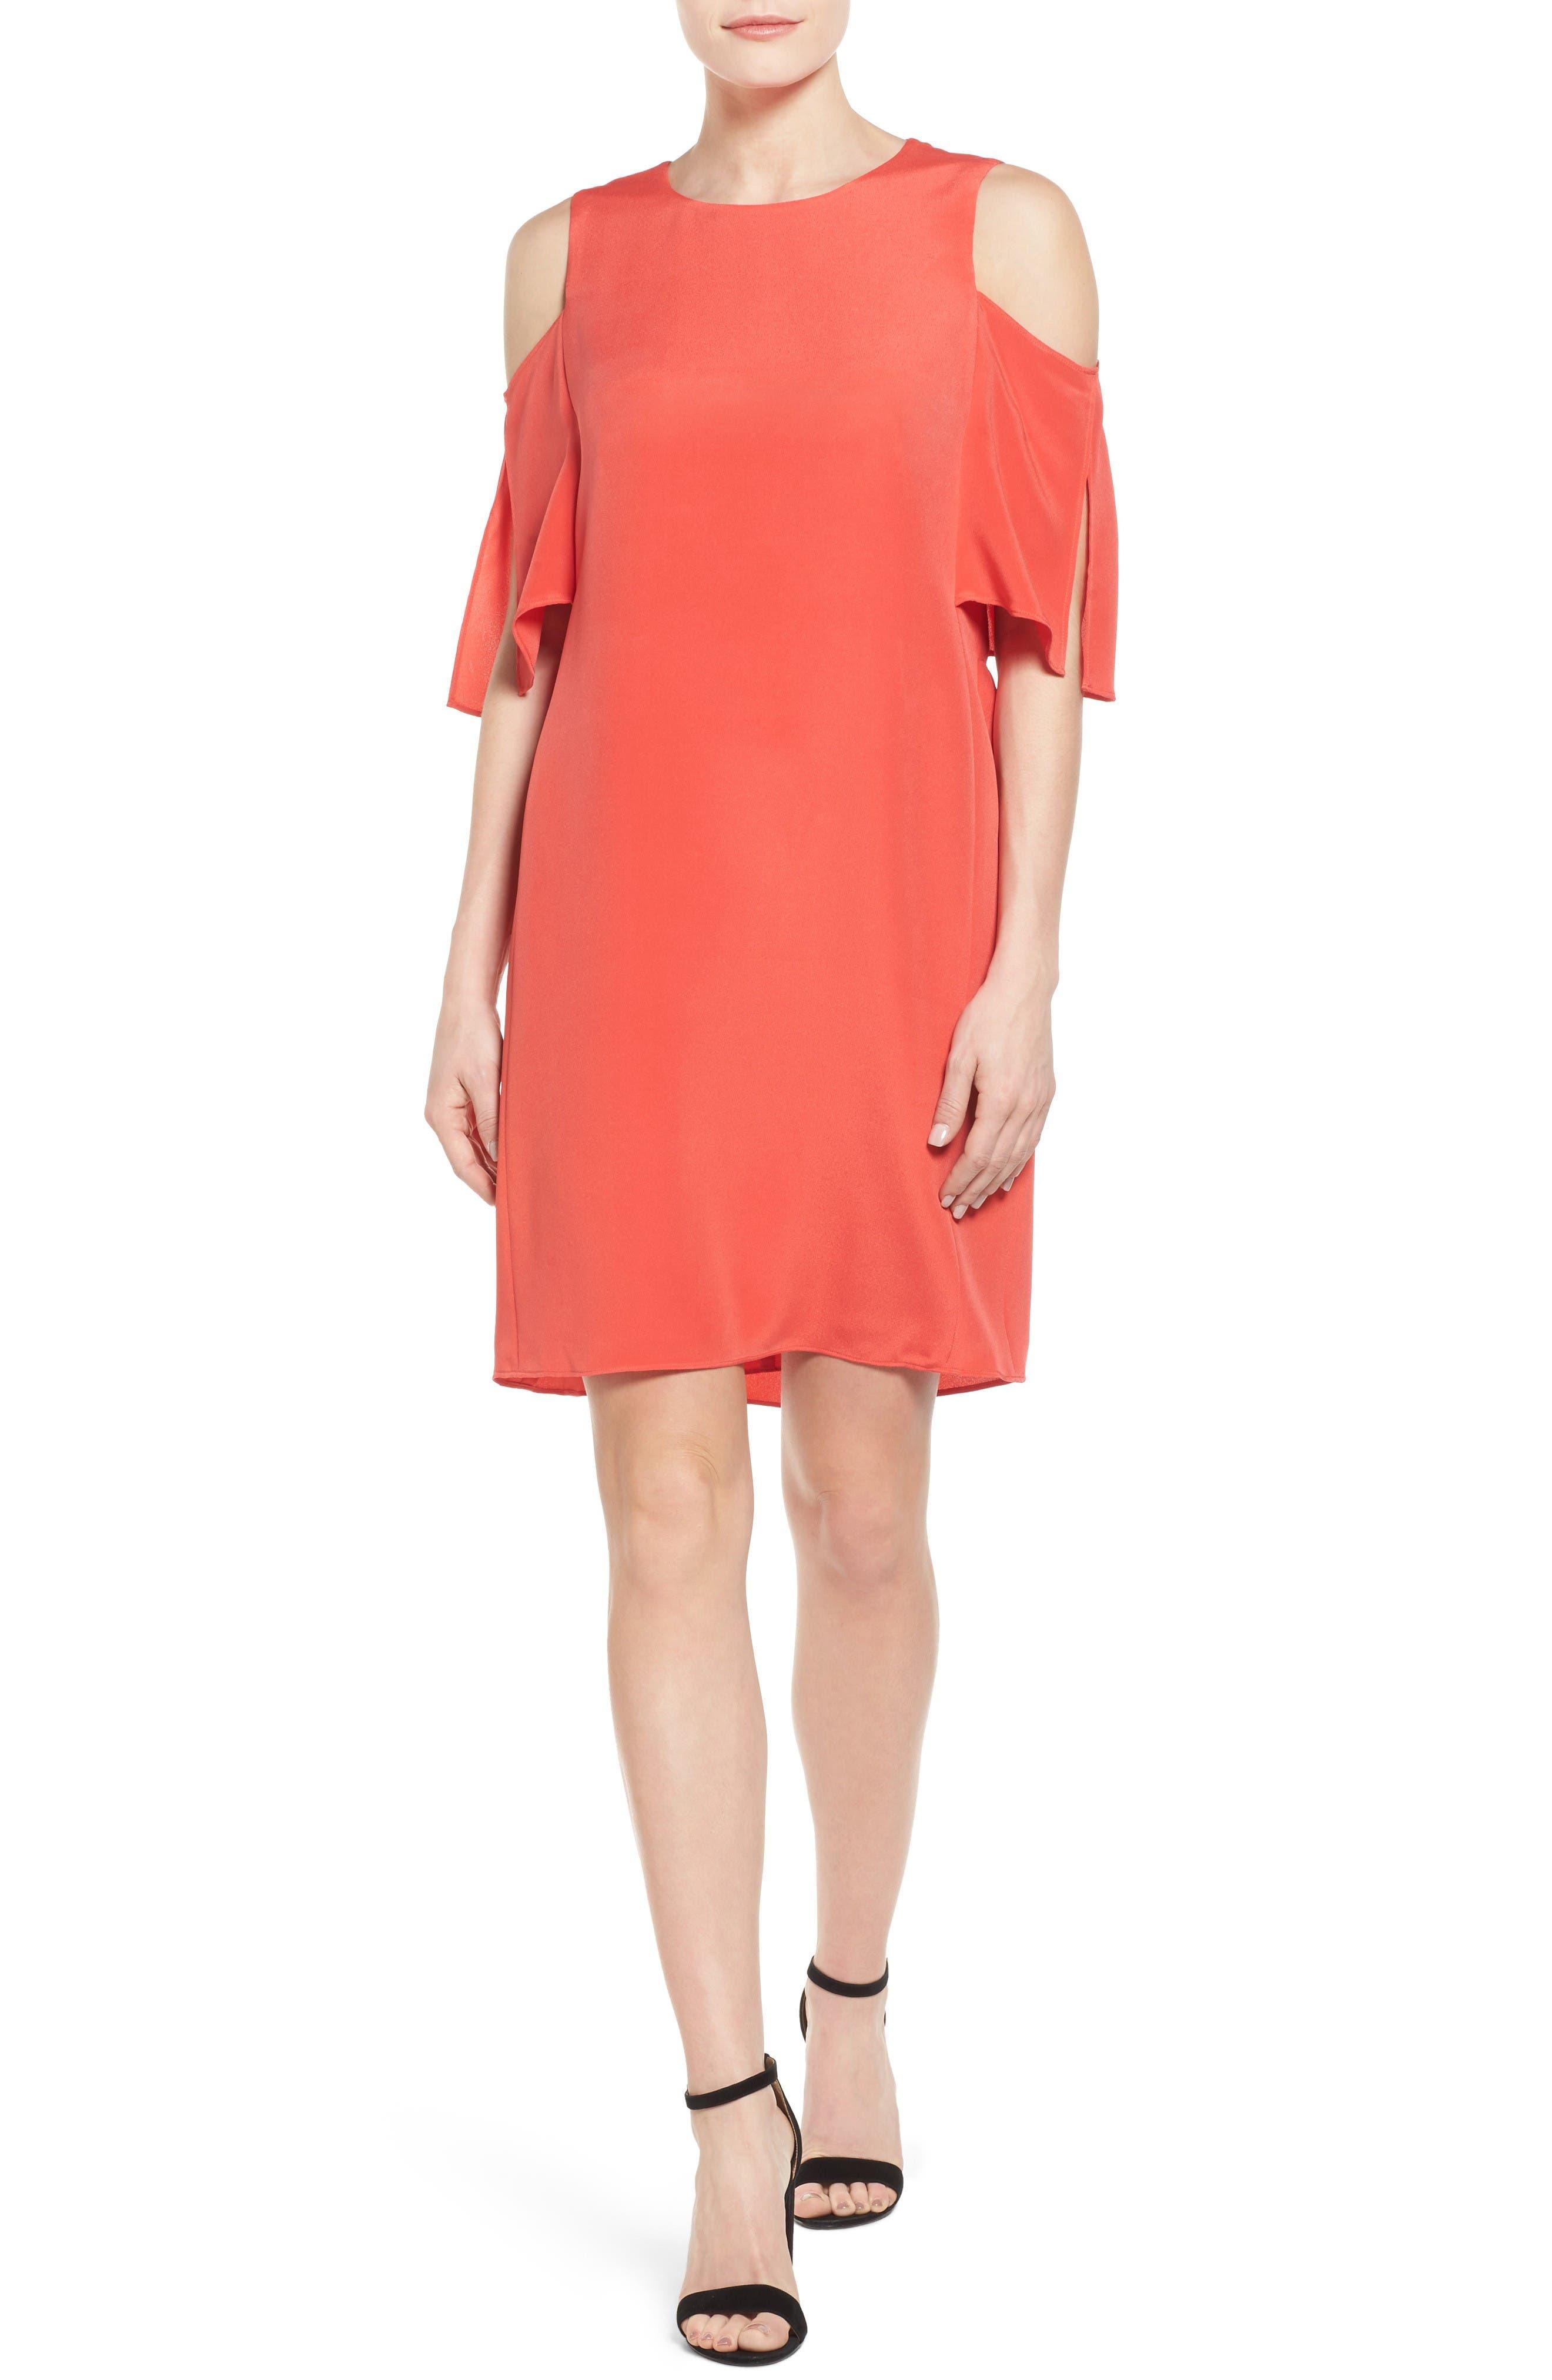 KOBI HALPERIN Saige Cold Shoulder Shift Dress